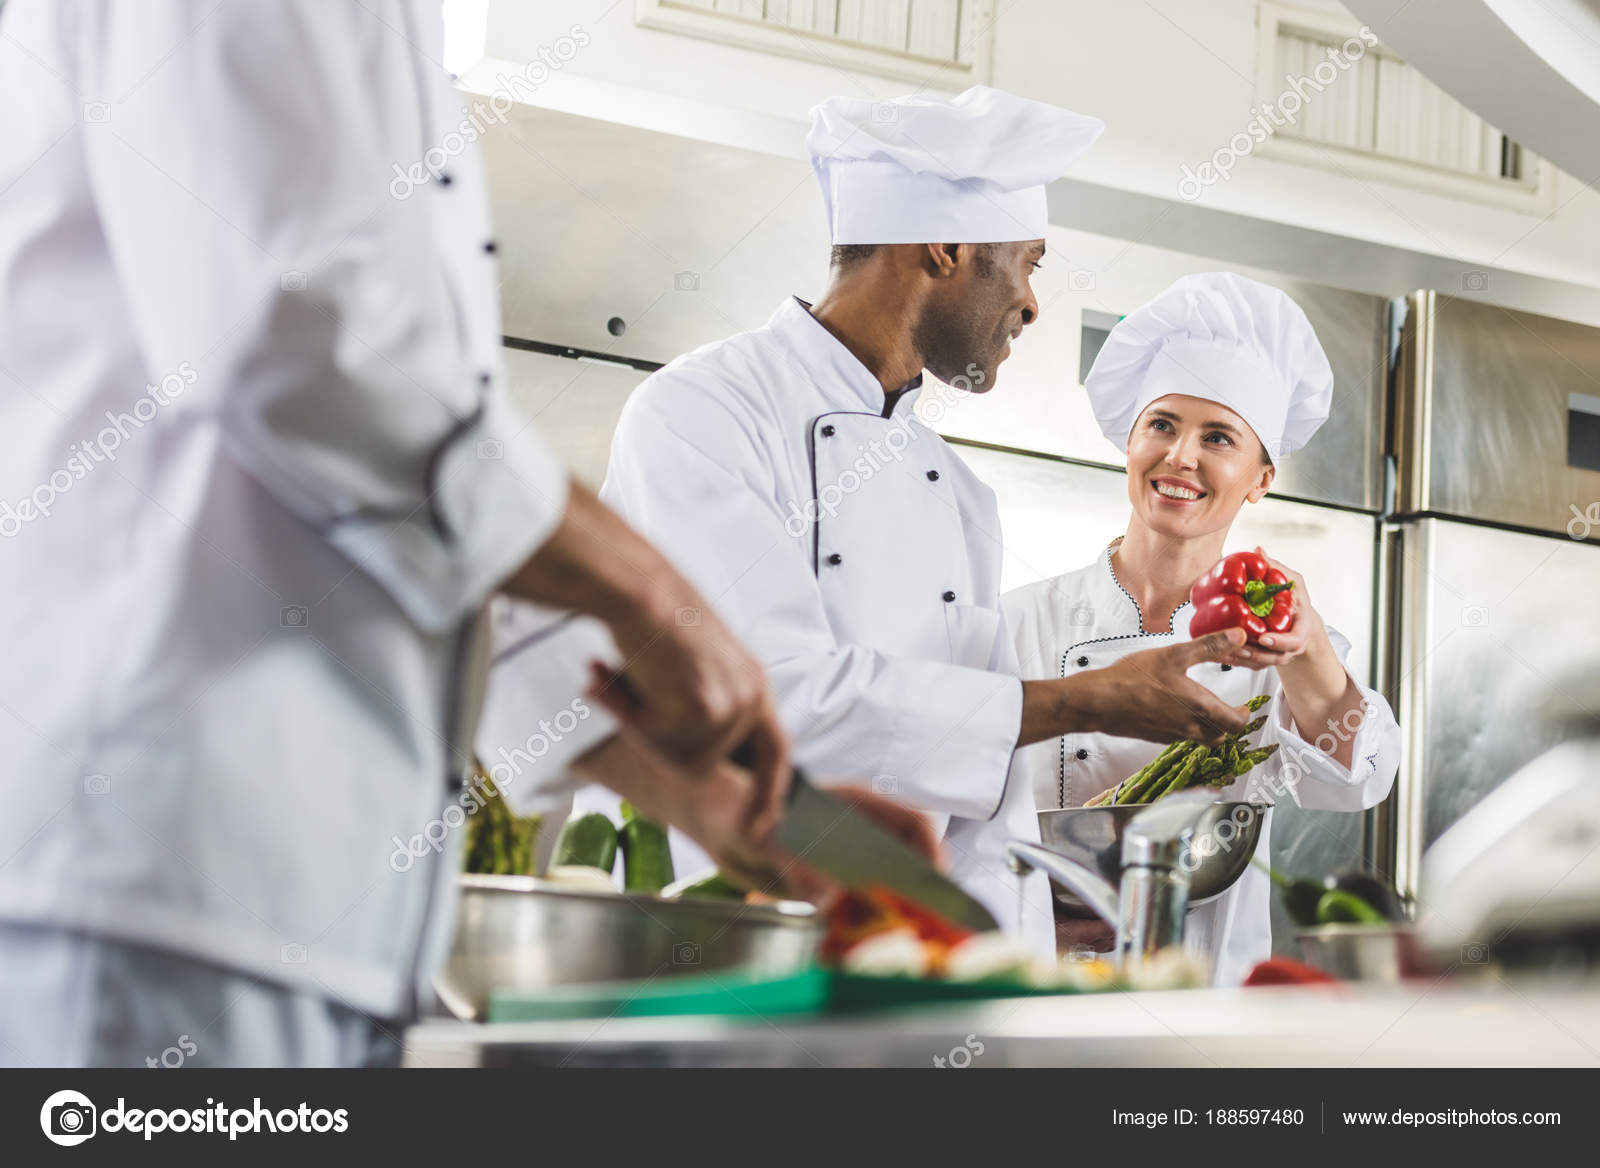 Multicultural Chefs Work Restaurant Kitchen — Stock Photo ...